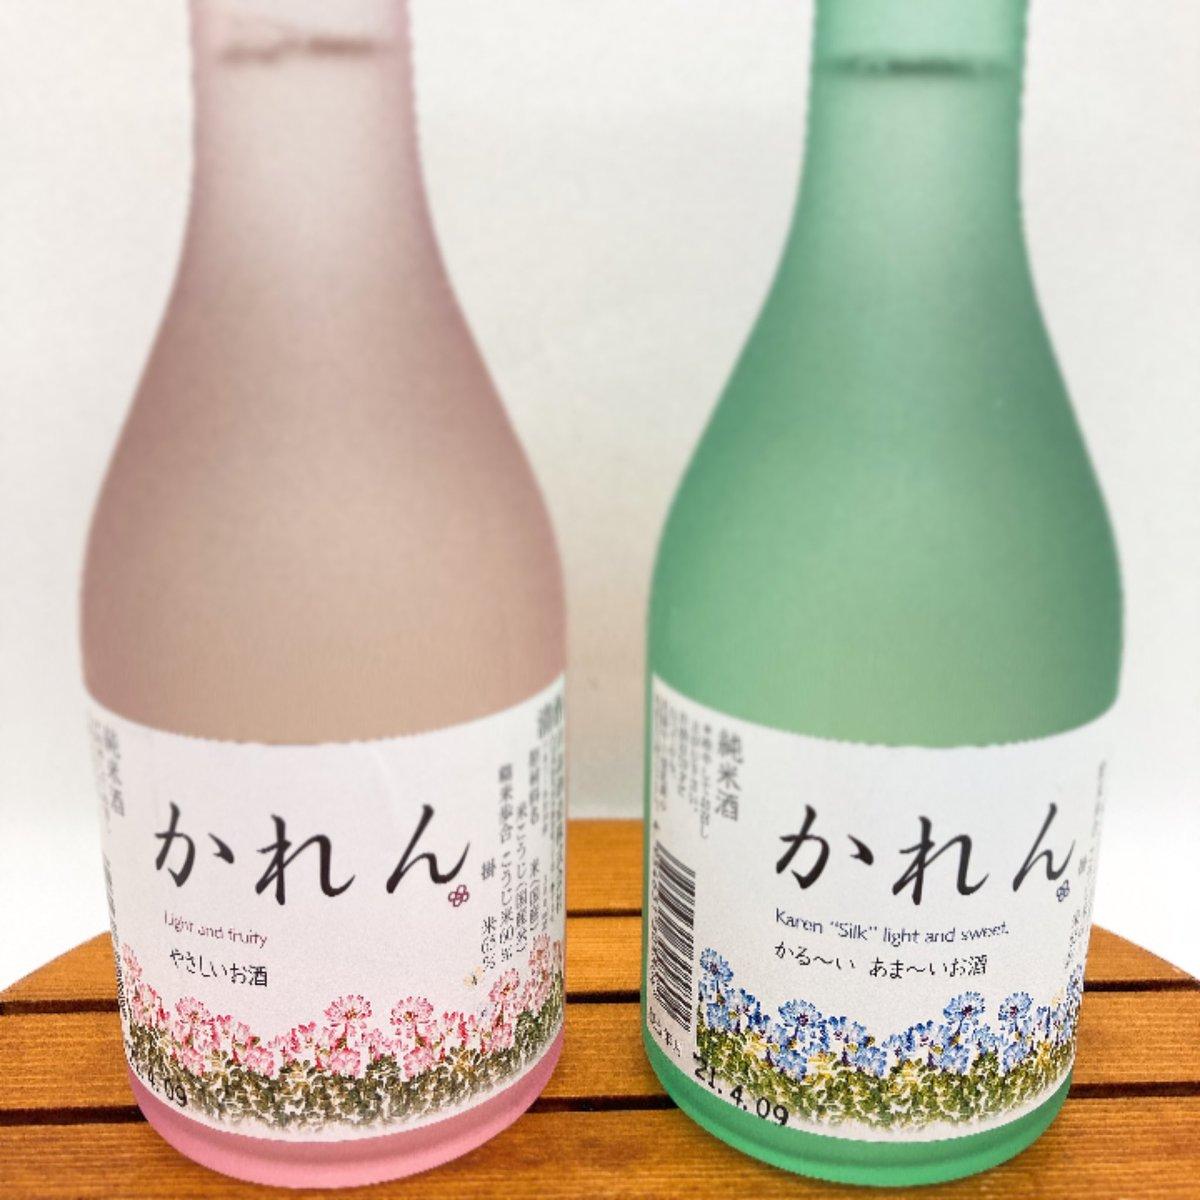 test ツイッターメディア - 可憐な双子ちゃん👭市島酒造 #かれん 低アルコールのとっても飲みやすいお酒。  ピンクのボトルはリンゴのような香り、緑のボトルは完熟フルーツのような爽やかな甘みが特徴🍎🍏 アイスやチョコレートなど甘いアテにもぴったりです。 https://t.co/kW6ikKggw4